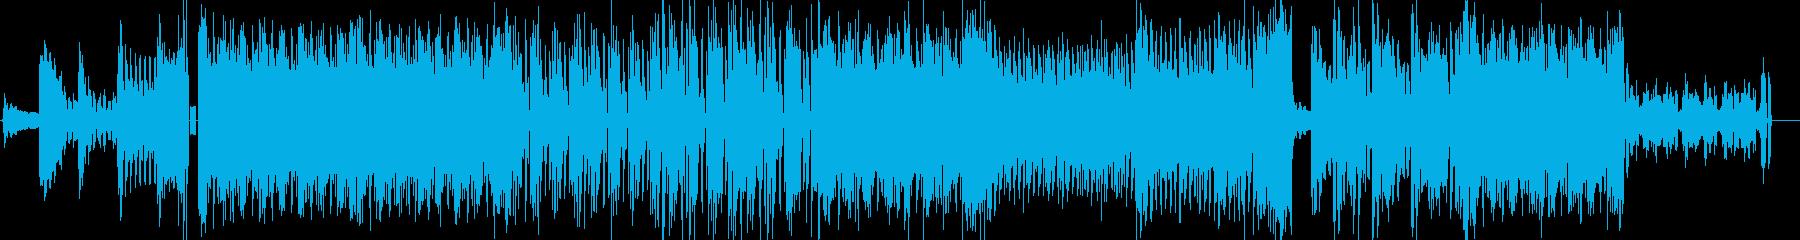 キラキラポッピンダンシングな曲の再生済みの波形